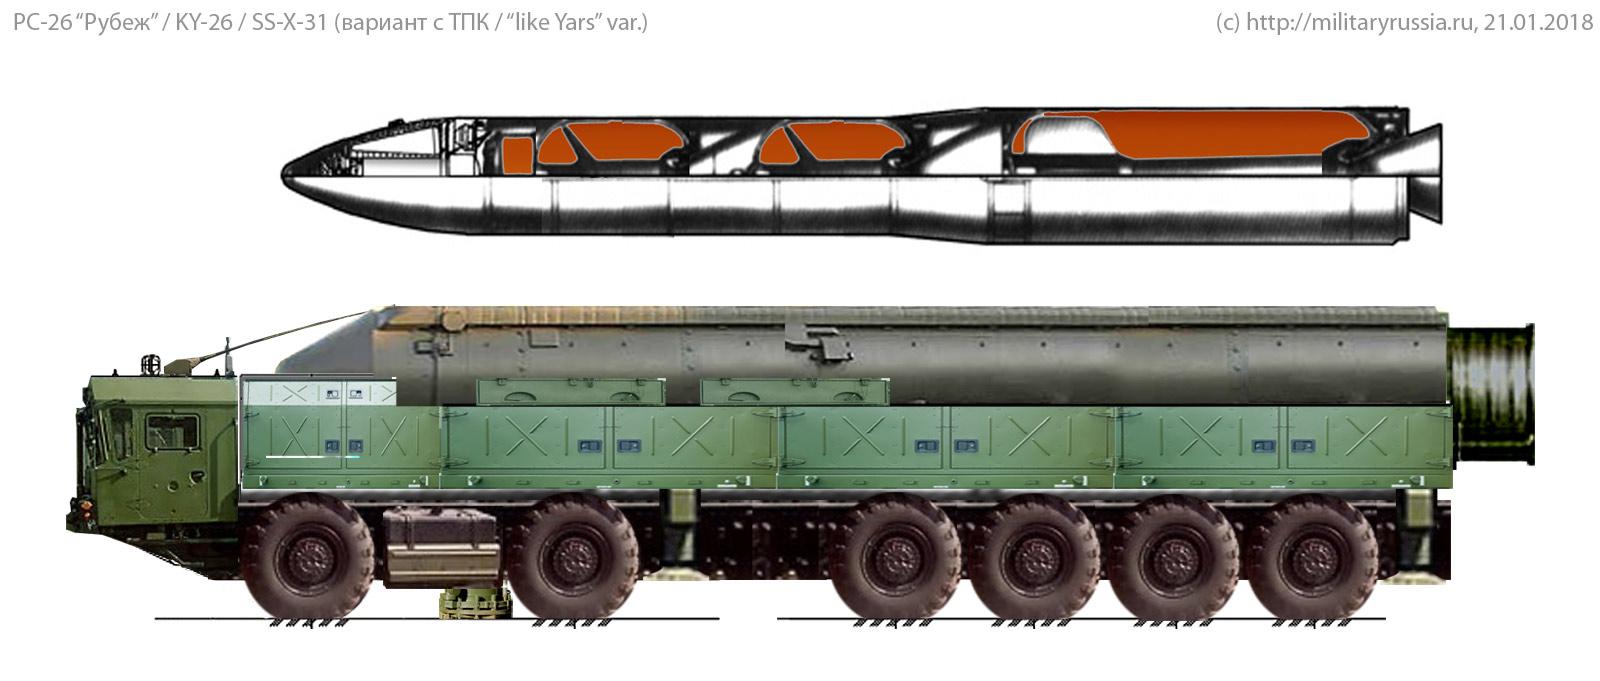 Предположительный облик автономной пусковой установки ракетного комплекса РС-26